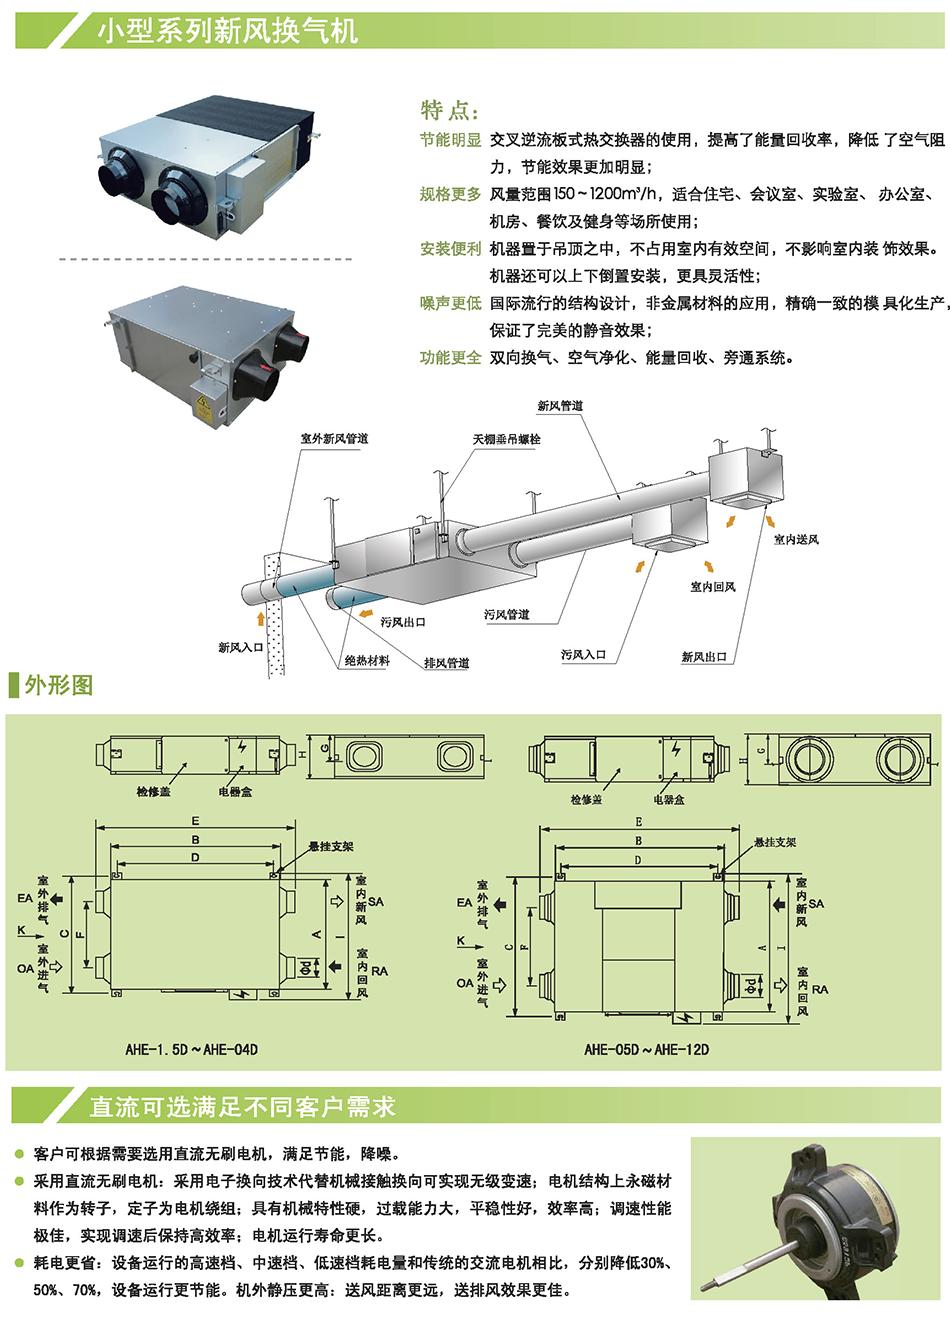 新風換氣機产品参数1.png